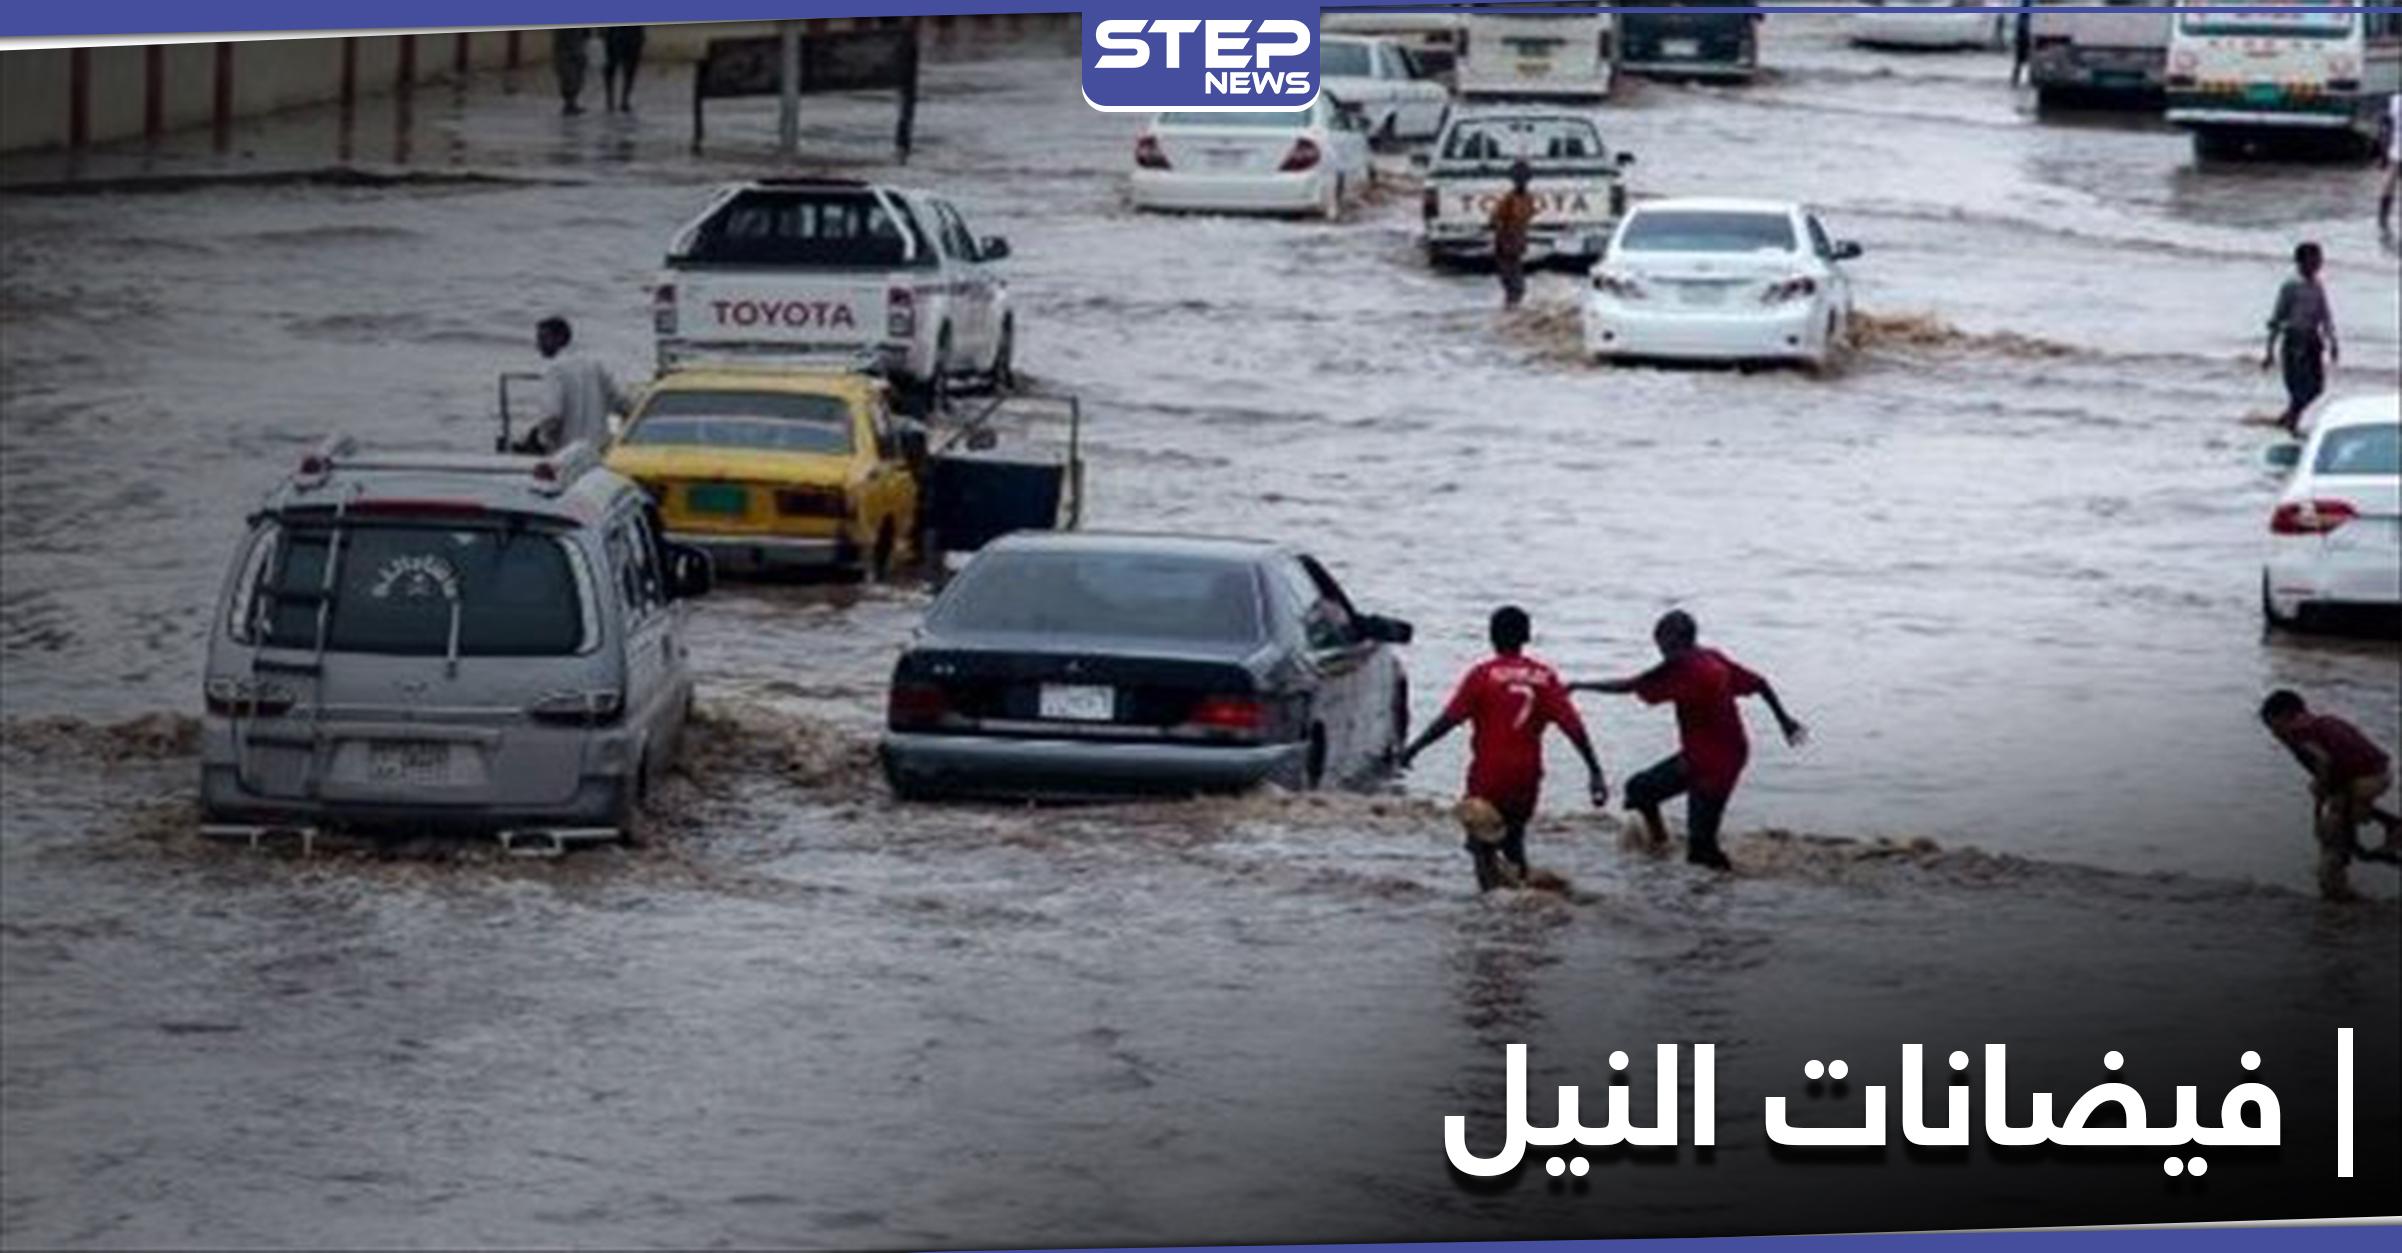 8 وفيات بمرض جديد في السودان ناتج عن فيضانات النيل